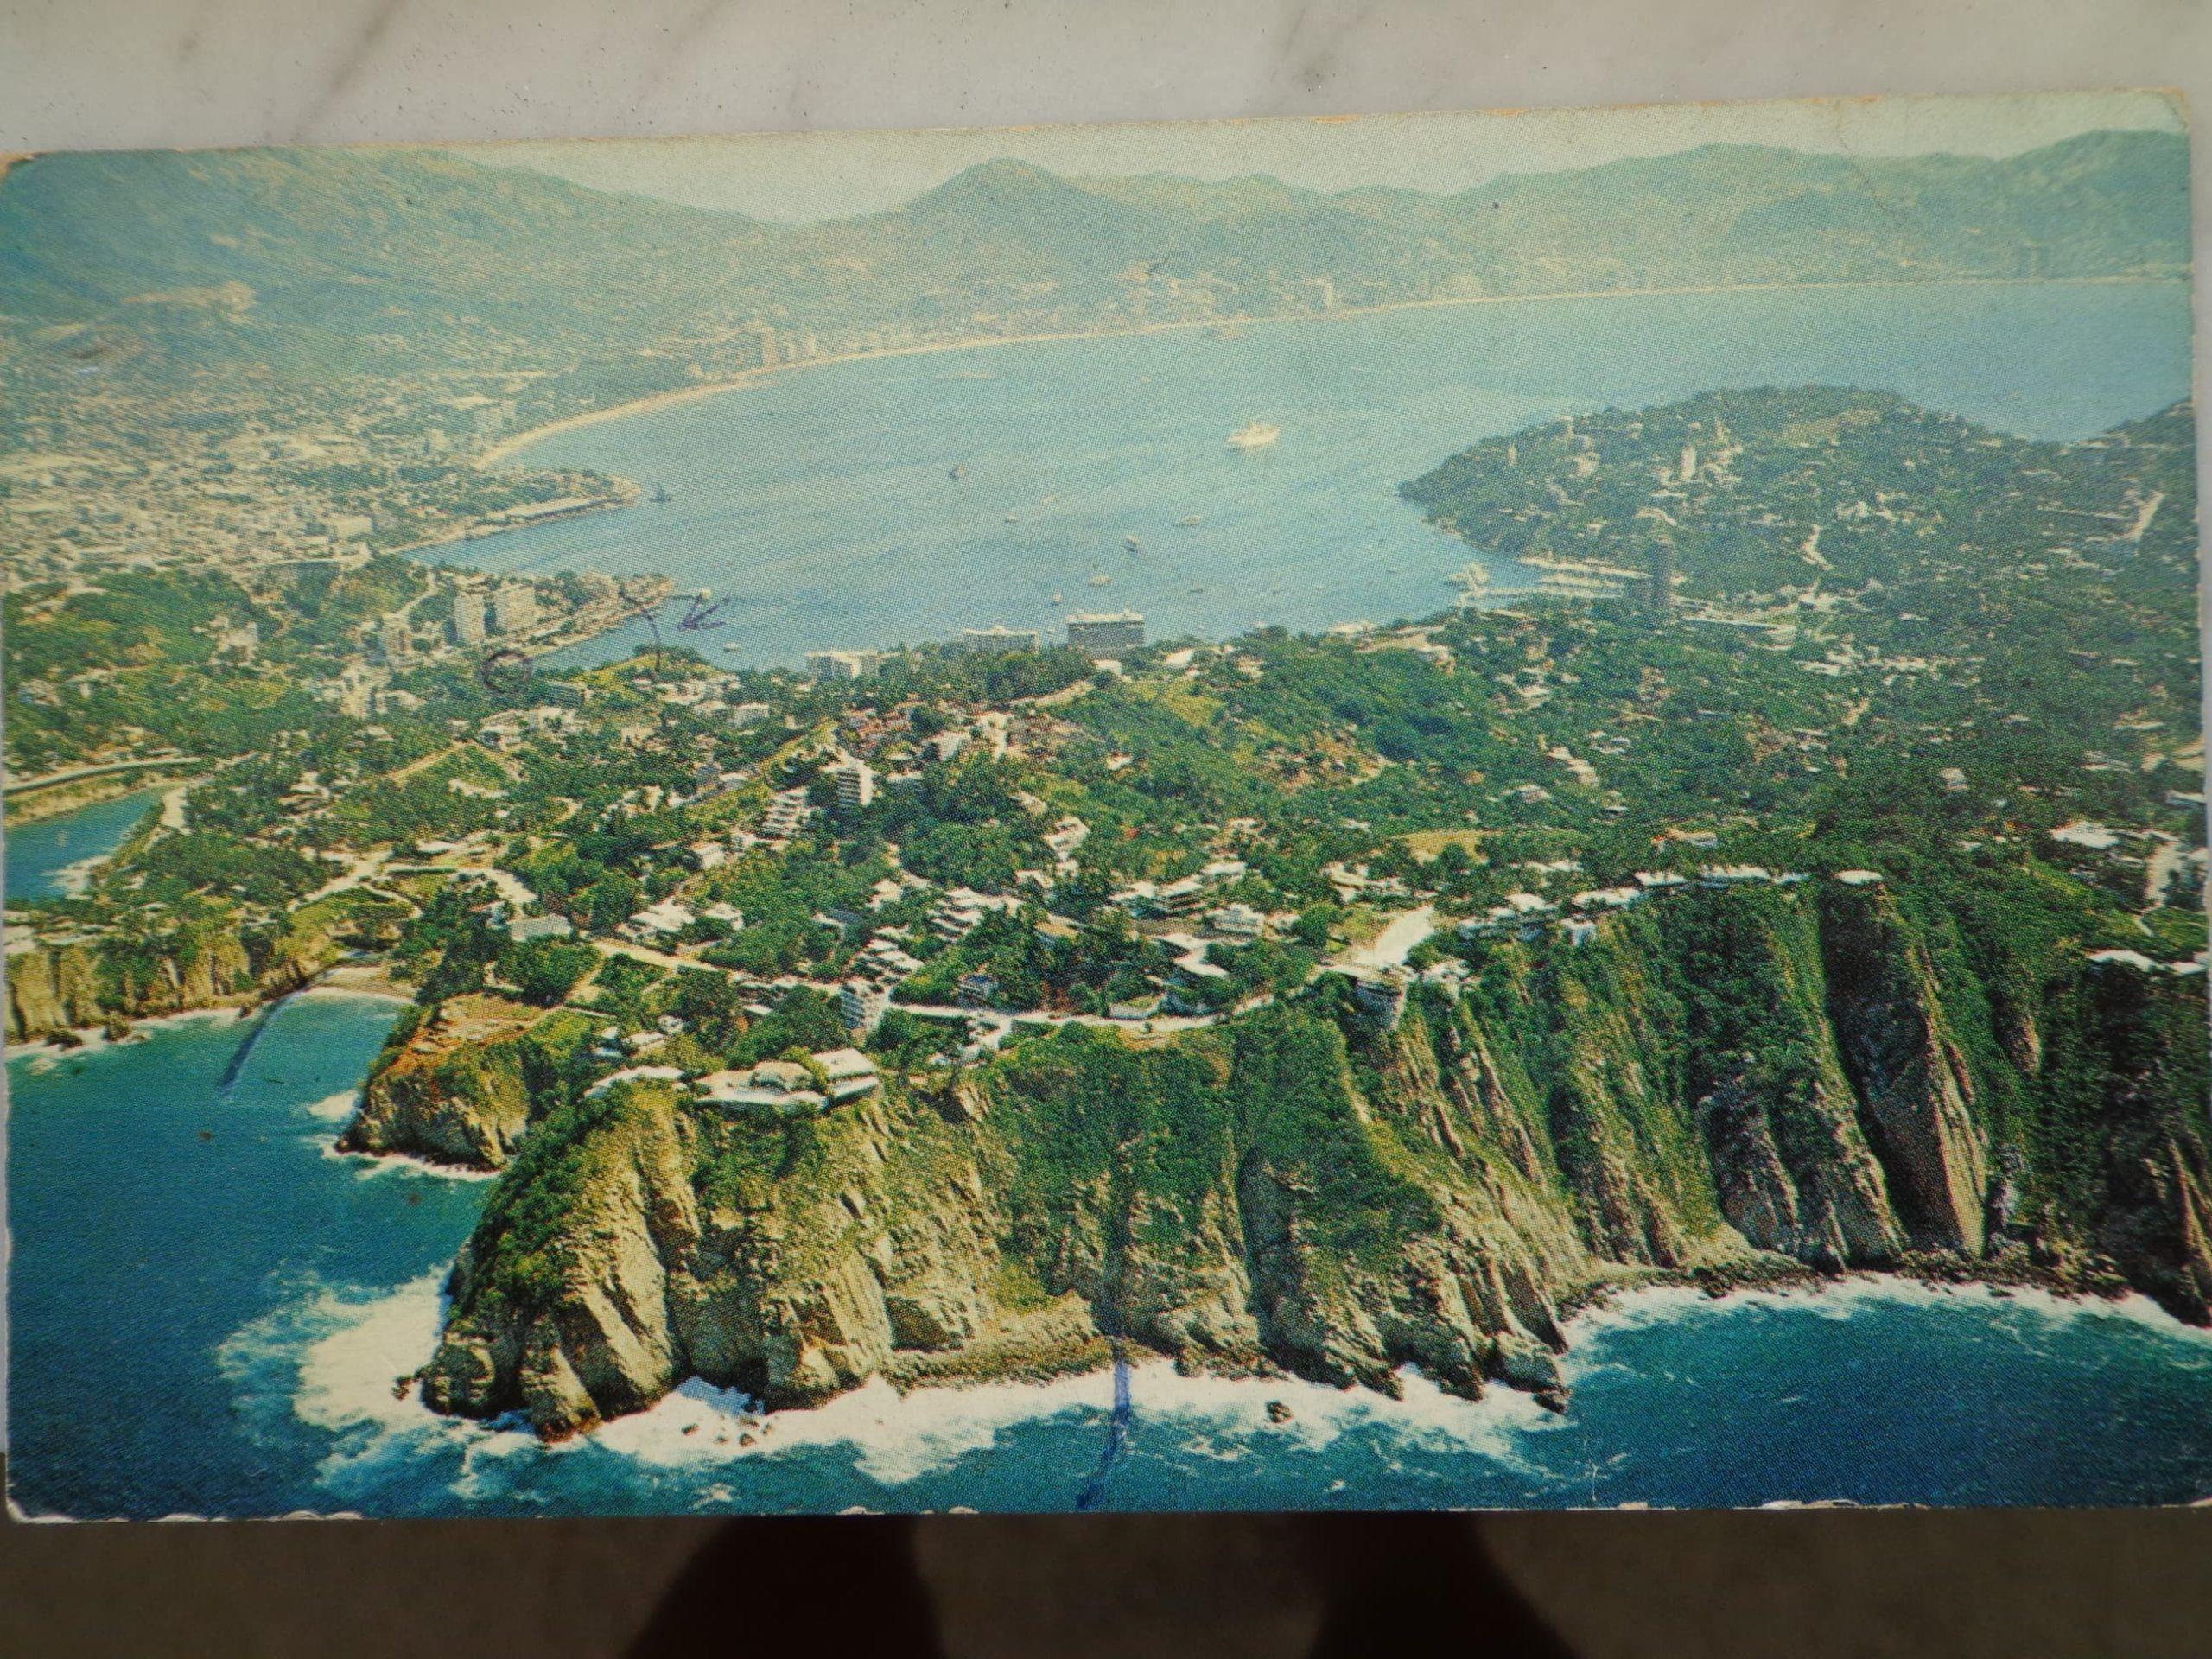 Diving Area Acapulco